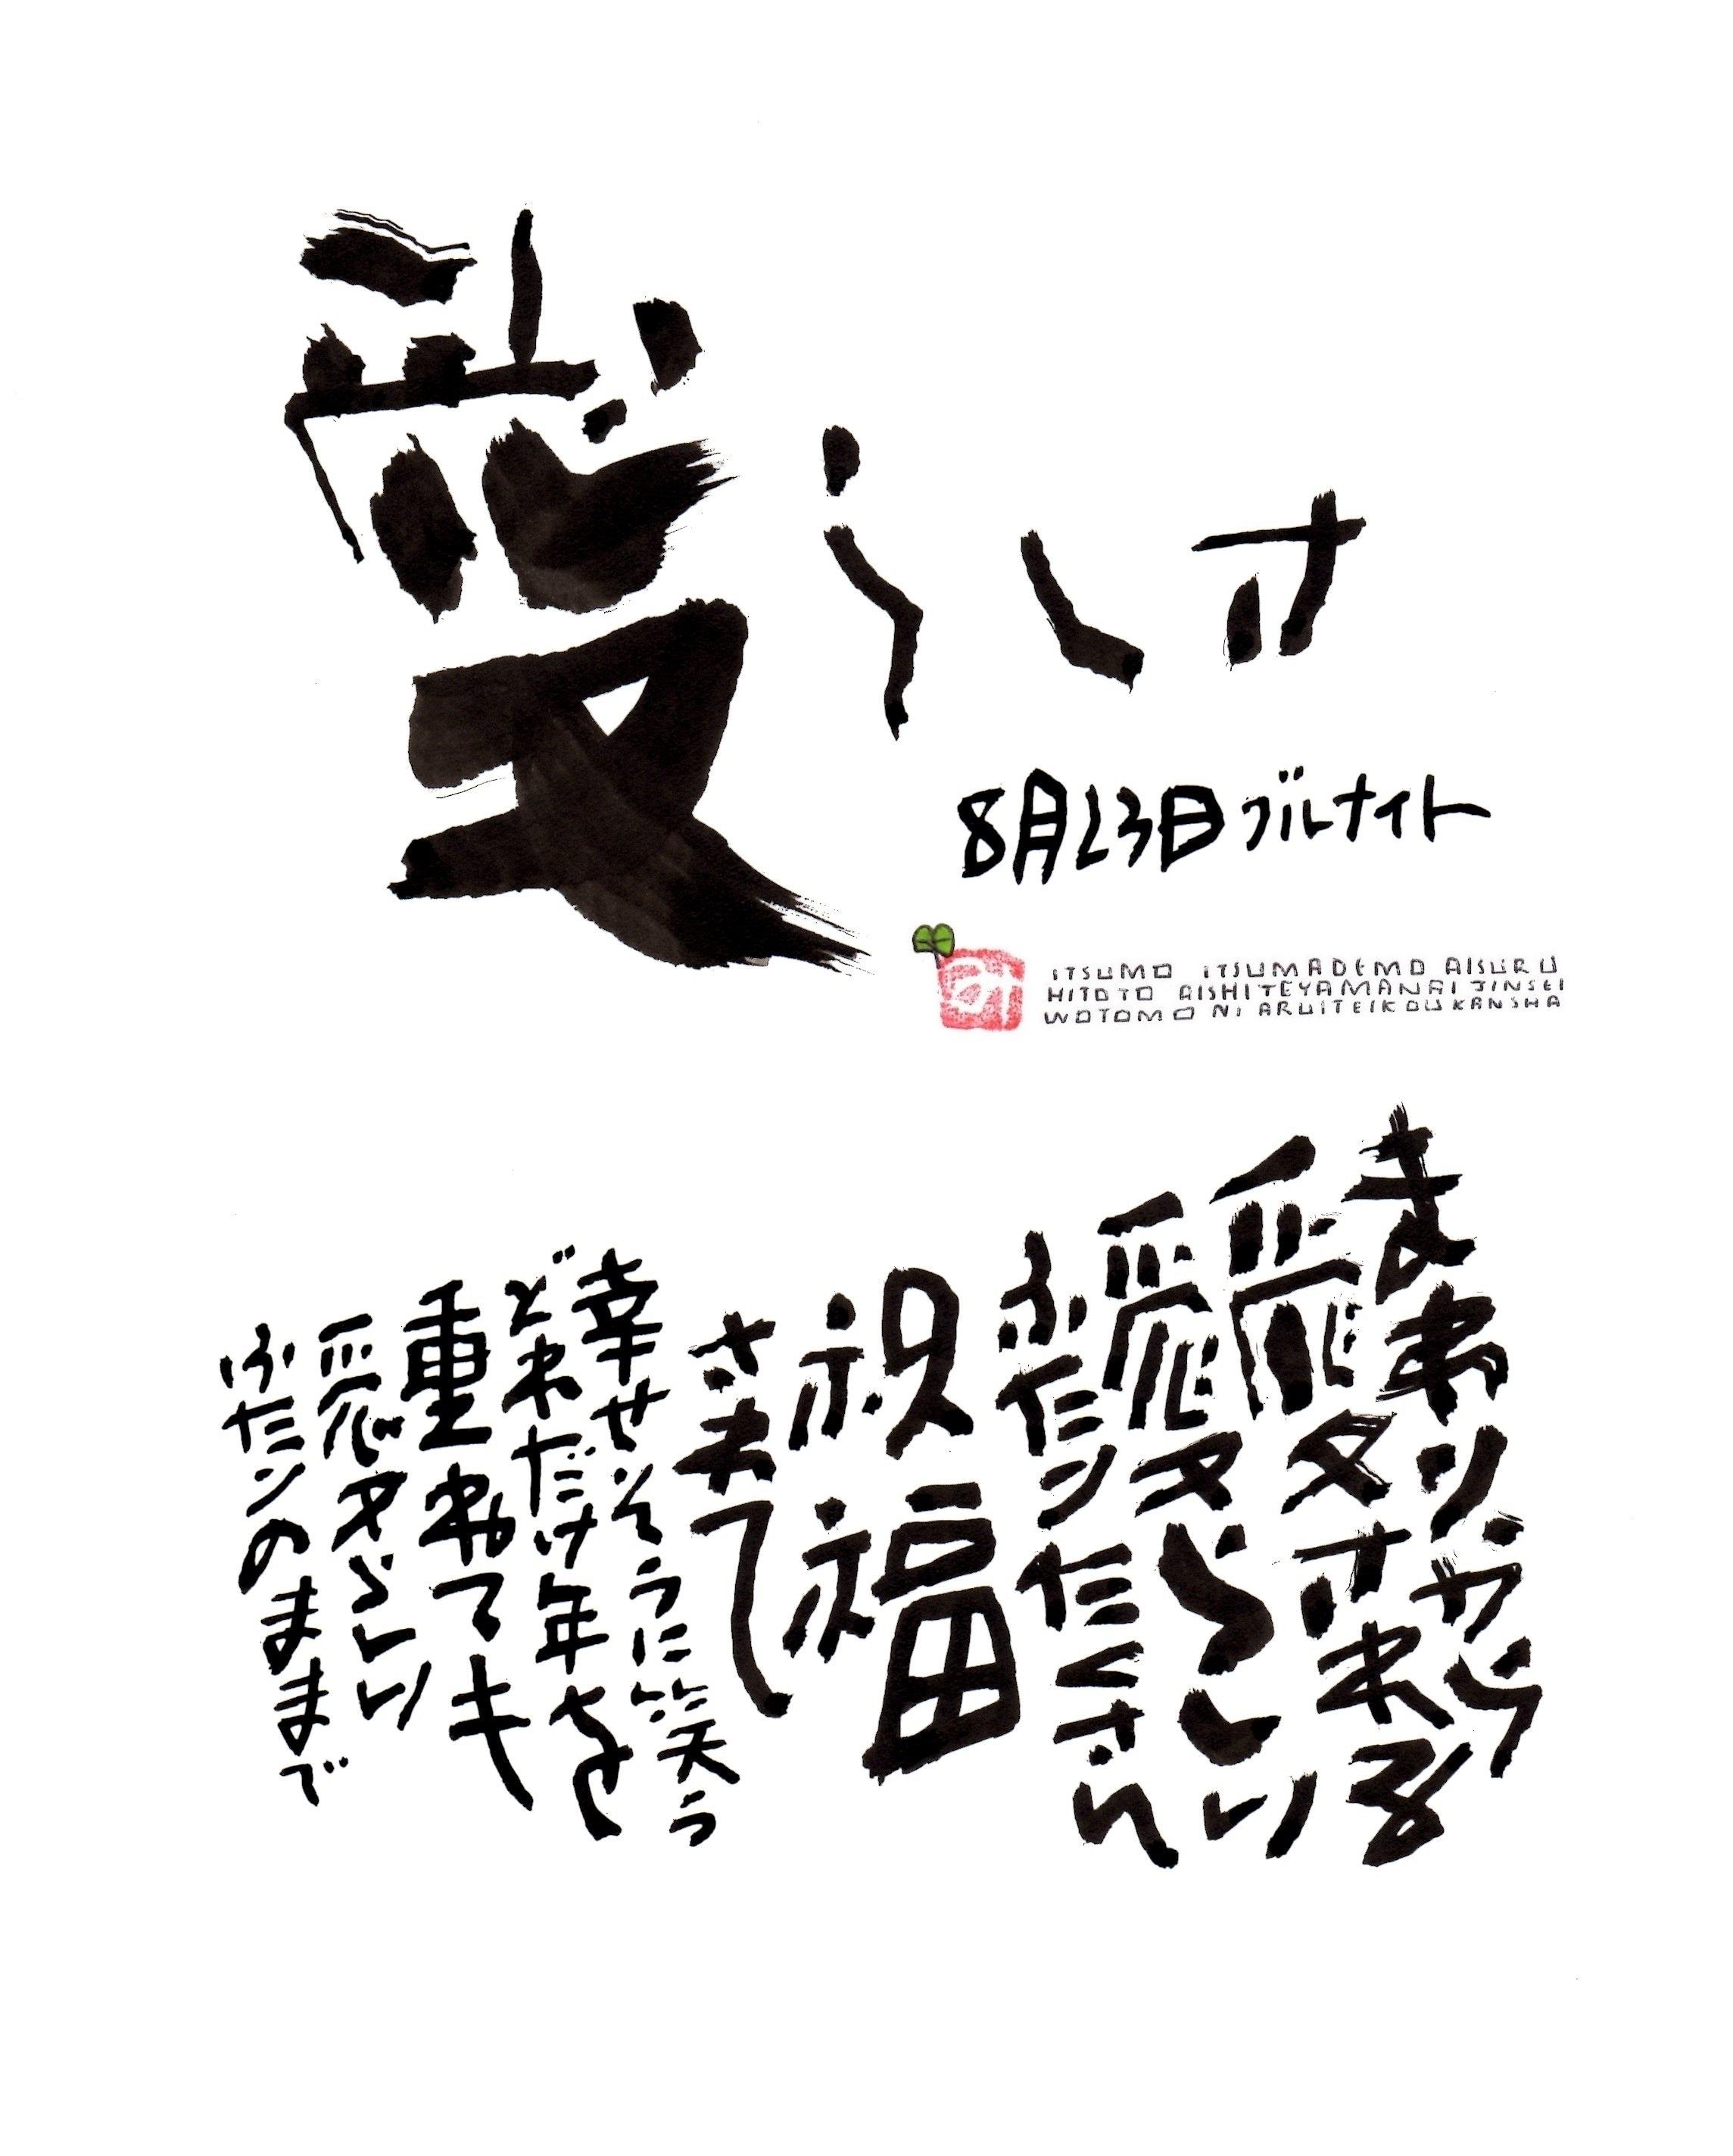 8月23日 結婚記念日ポストカード【愛らしさ】